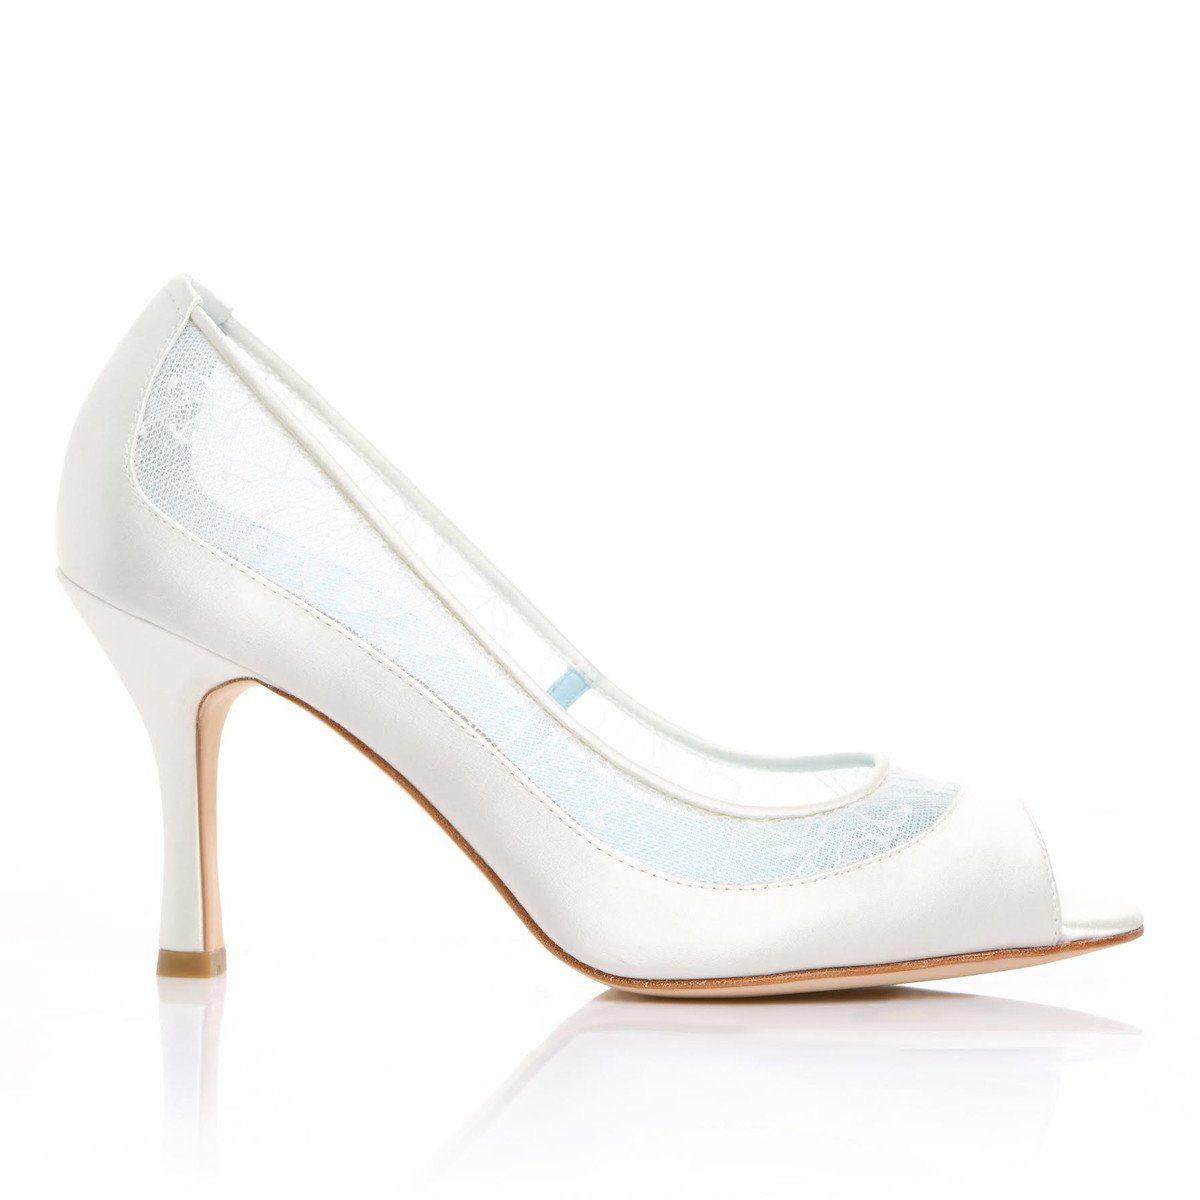 White Lace Peep Toe Wedding Shoes Peep Toe Wedding Shoes Lace